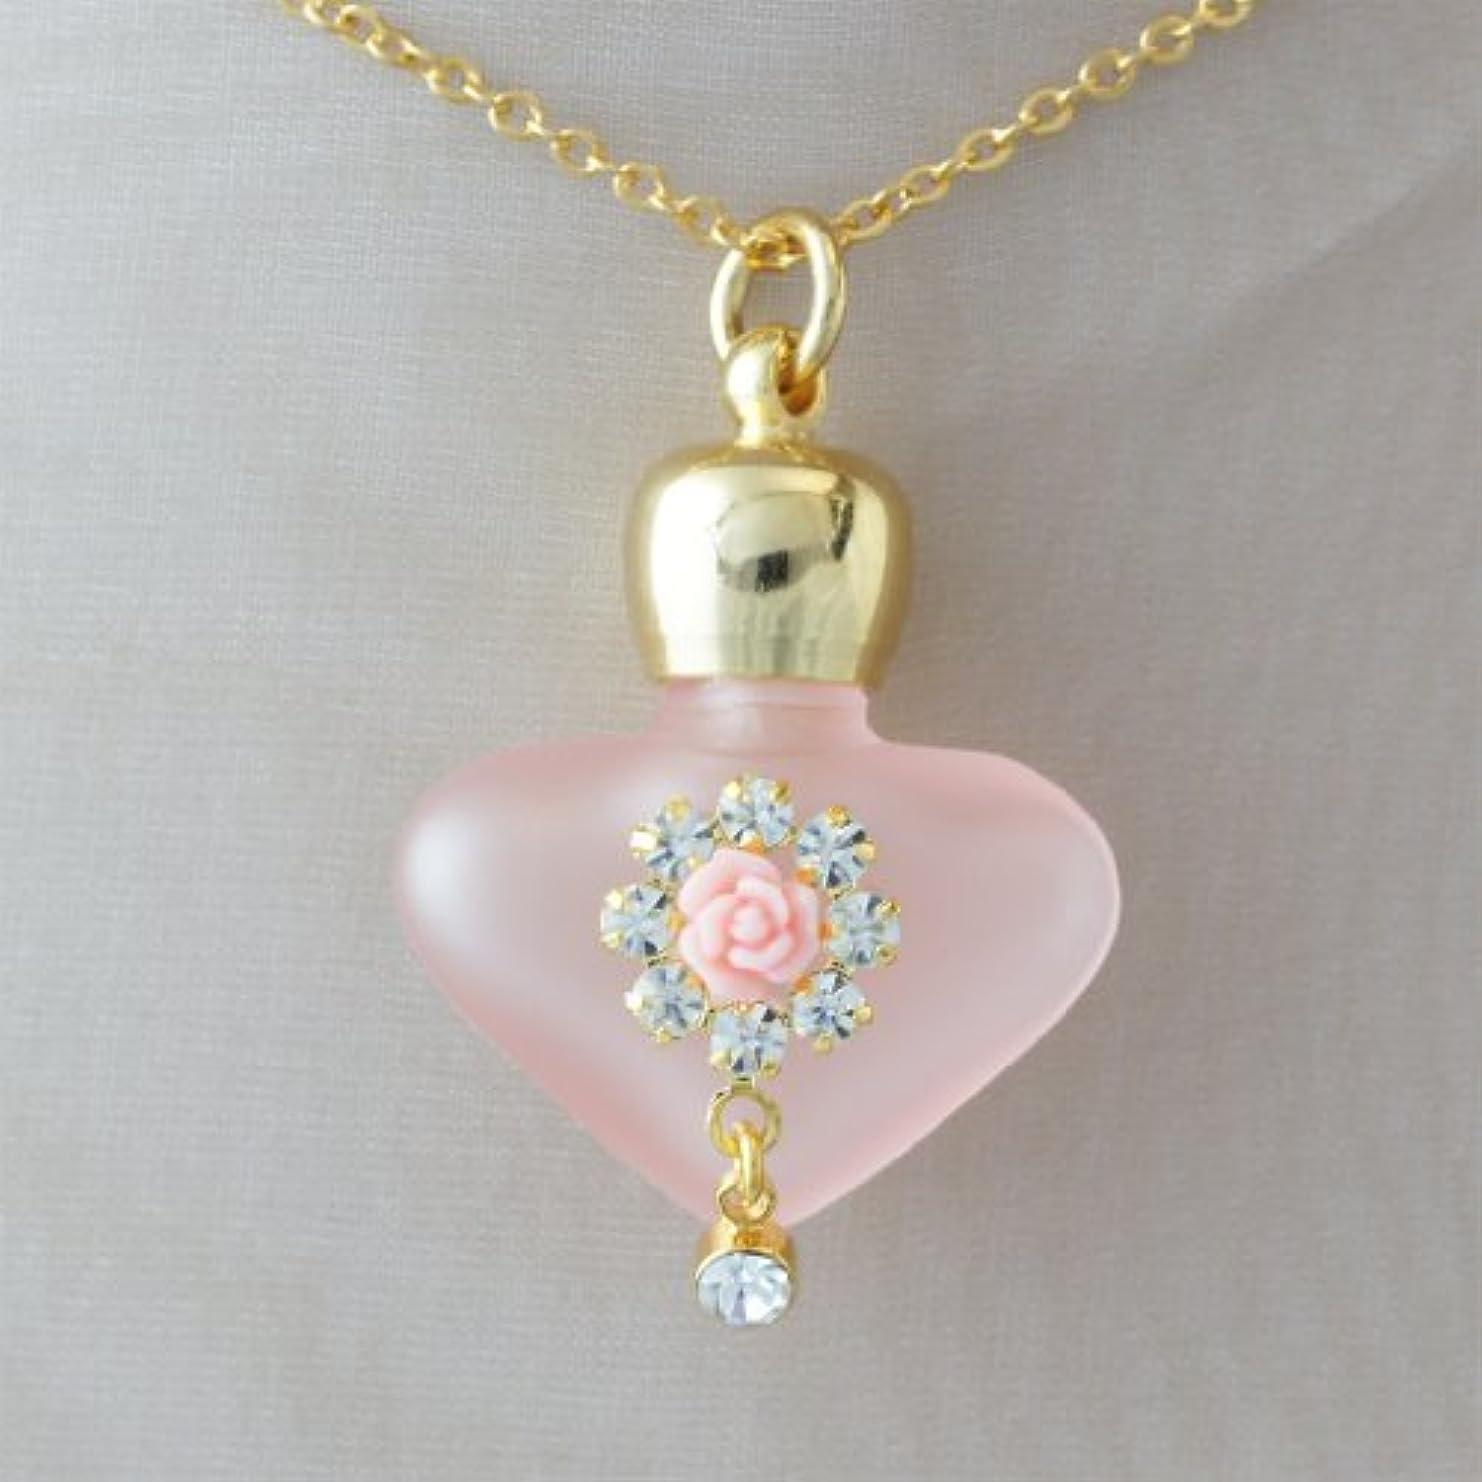 三受粉する契約した【天使の小瓶】 ハートフラワー (ピンク)